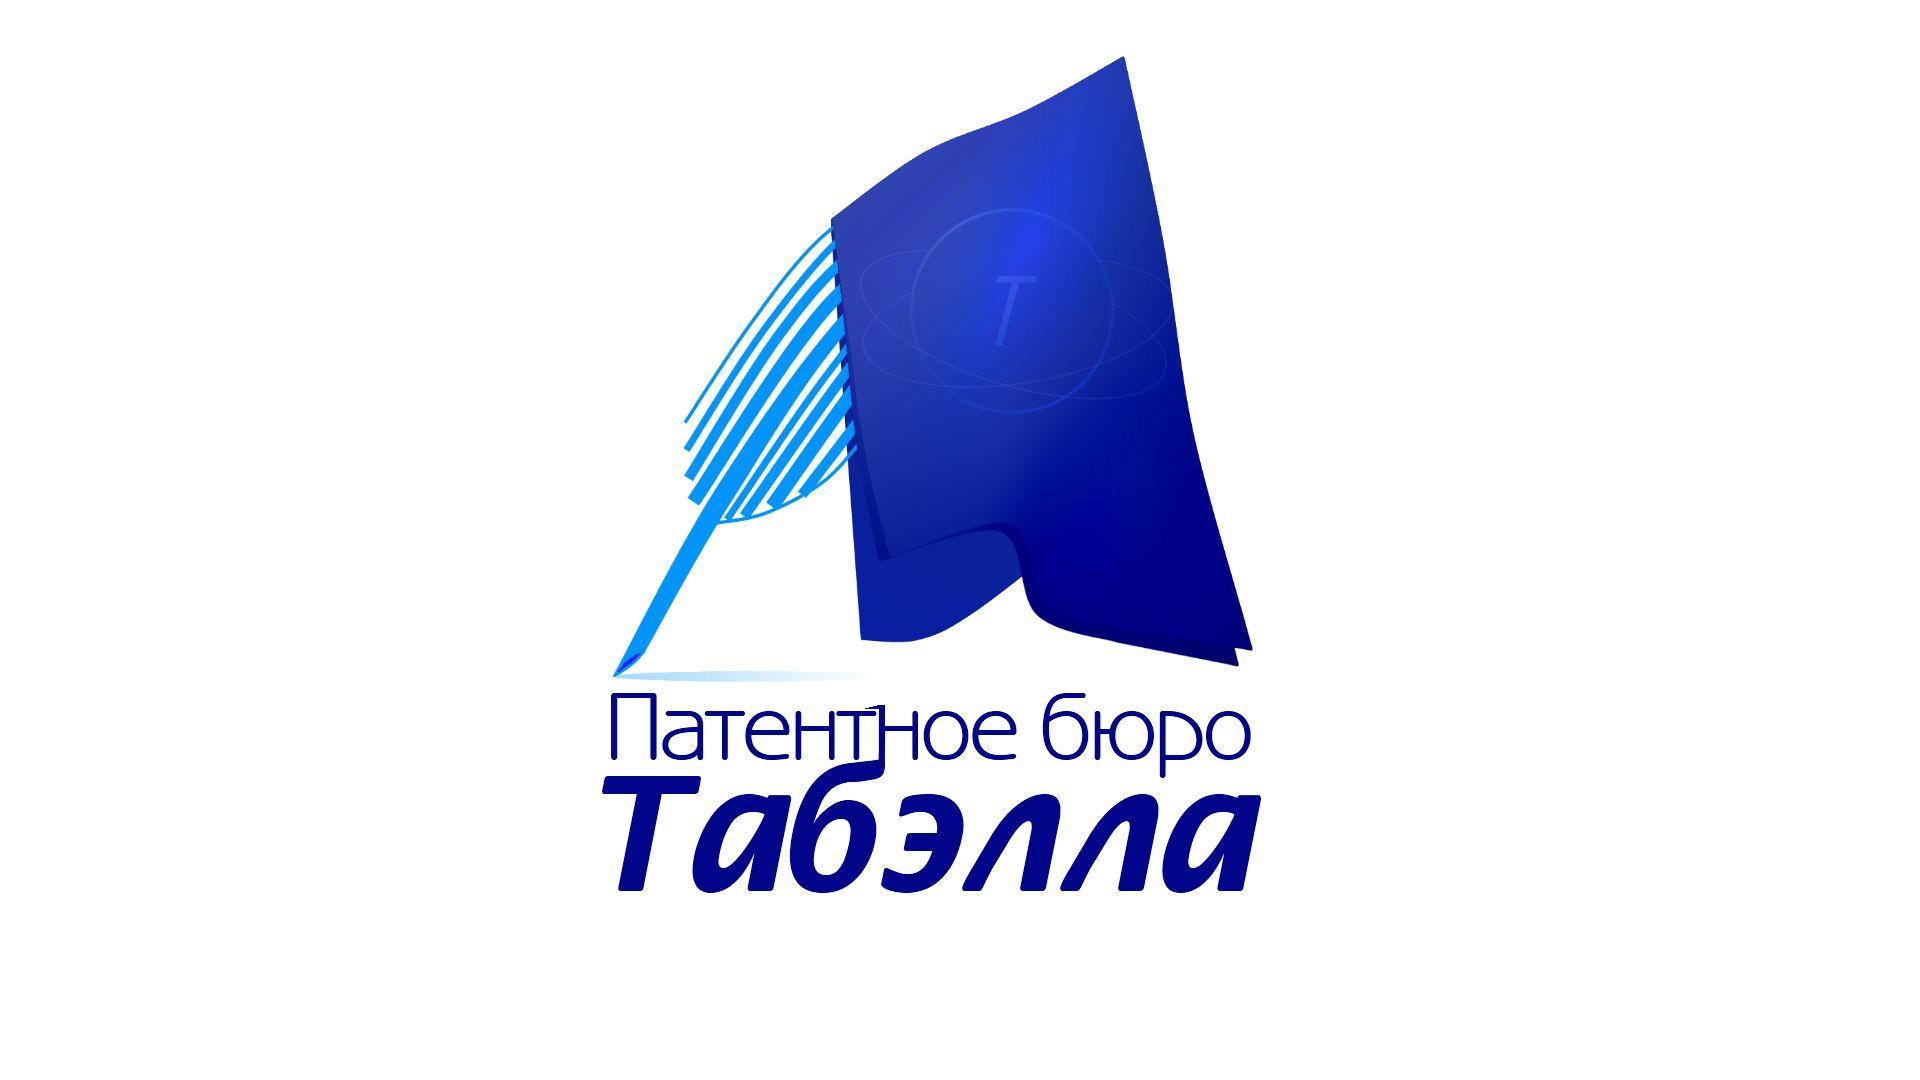 Сделать flat & simple логотип юридической компании - дизайнер GQmyteam